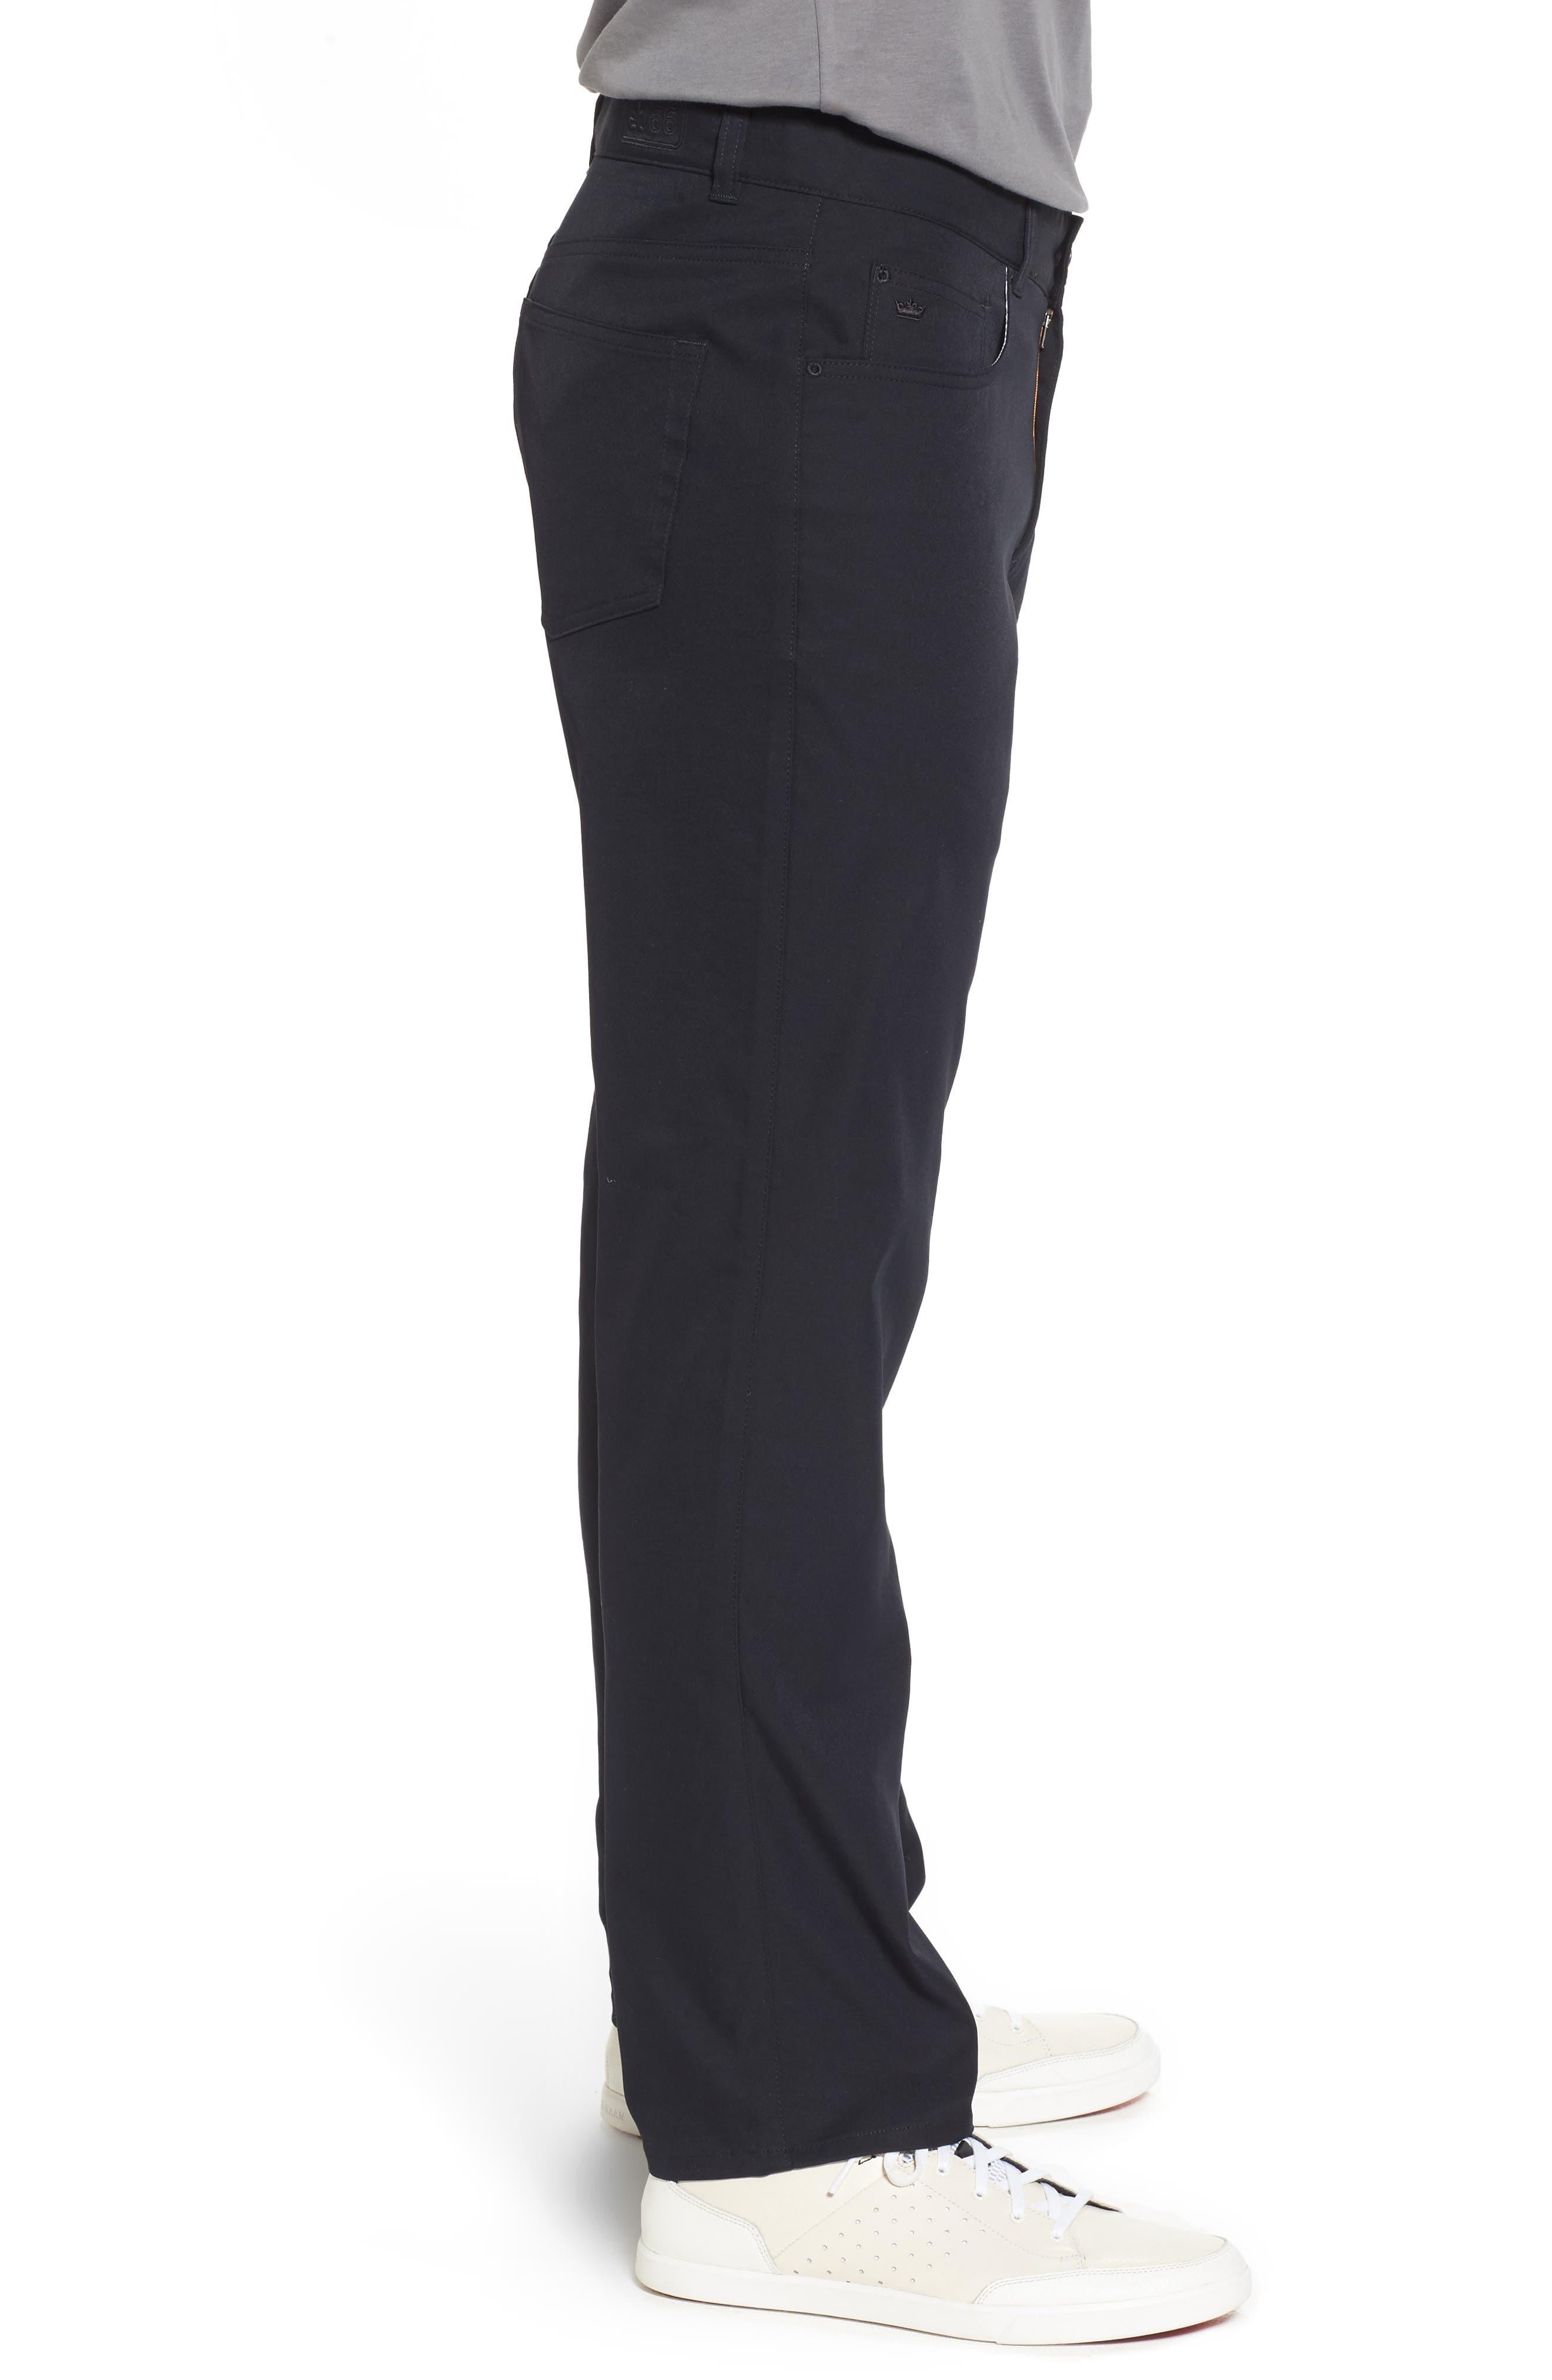 EB66 Performance Six-Pocket Pants,                             Alternate thumbnail 3, color,                             Black